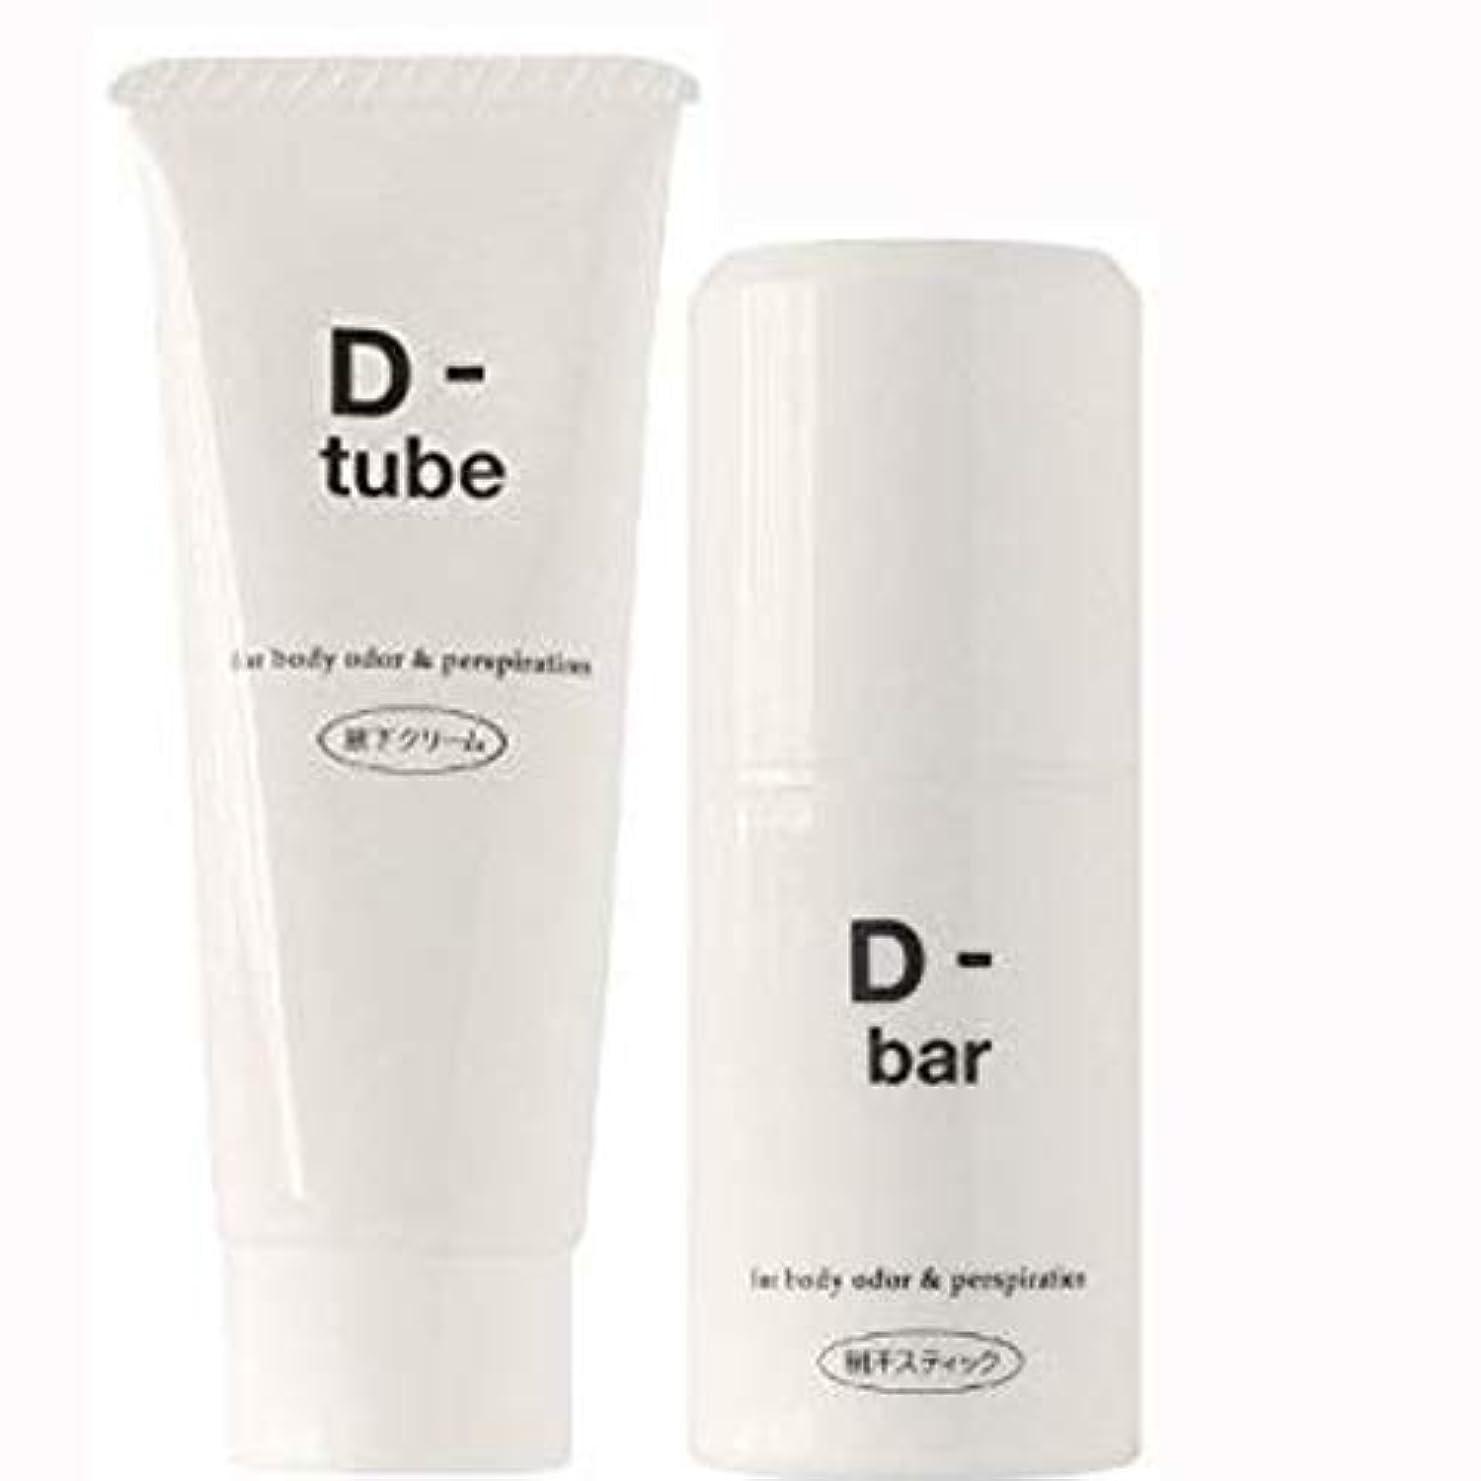 週末テメリティ何【セット】ディーチューブ(D-tube)+ディーバーセット(4511116760024+4511116760017)